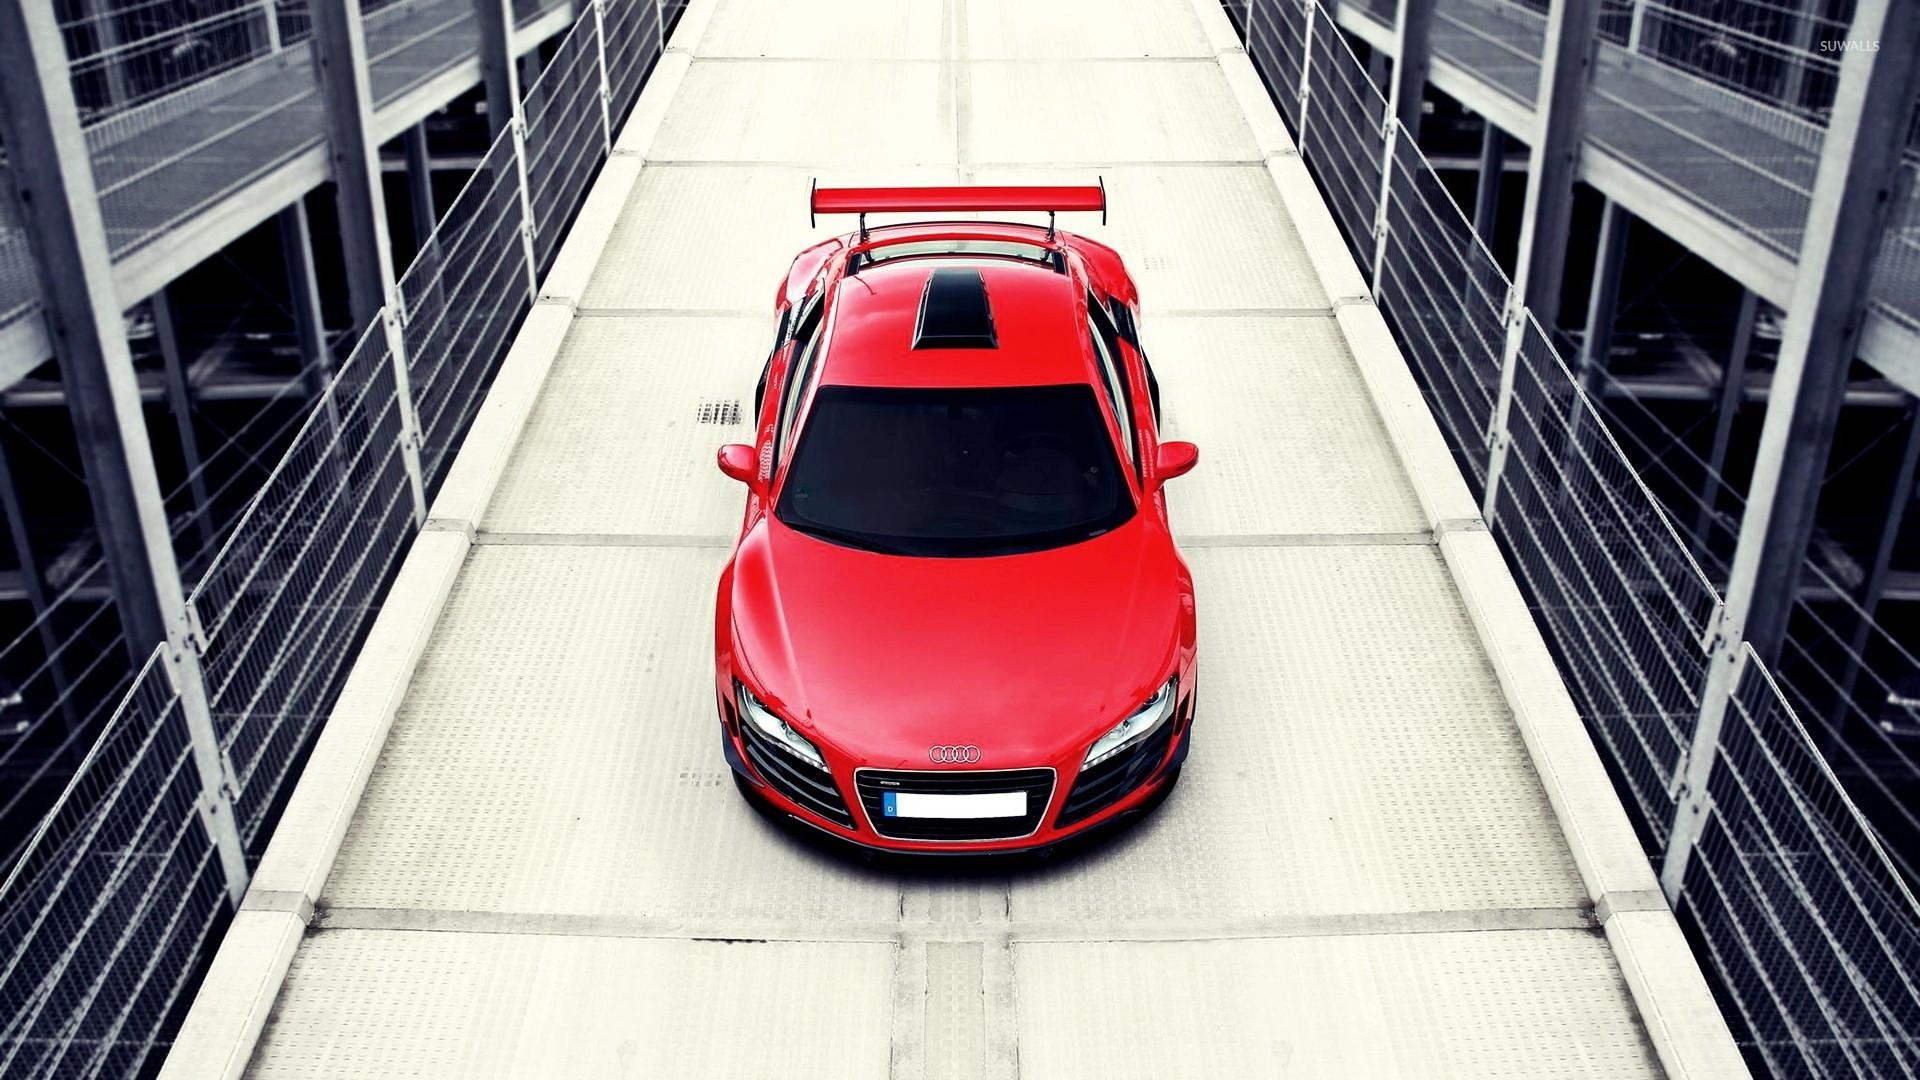 Audi R8 top view wallpaper jpg